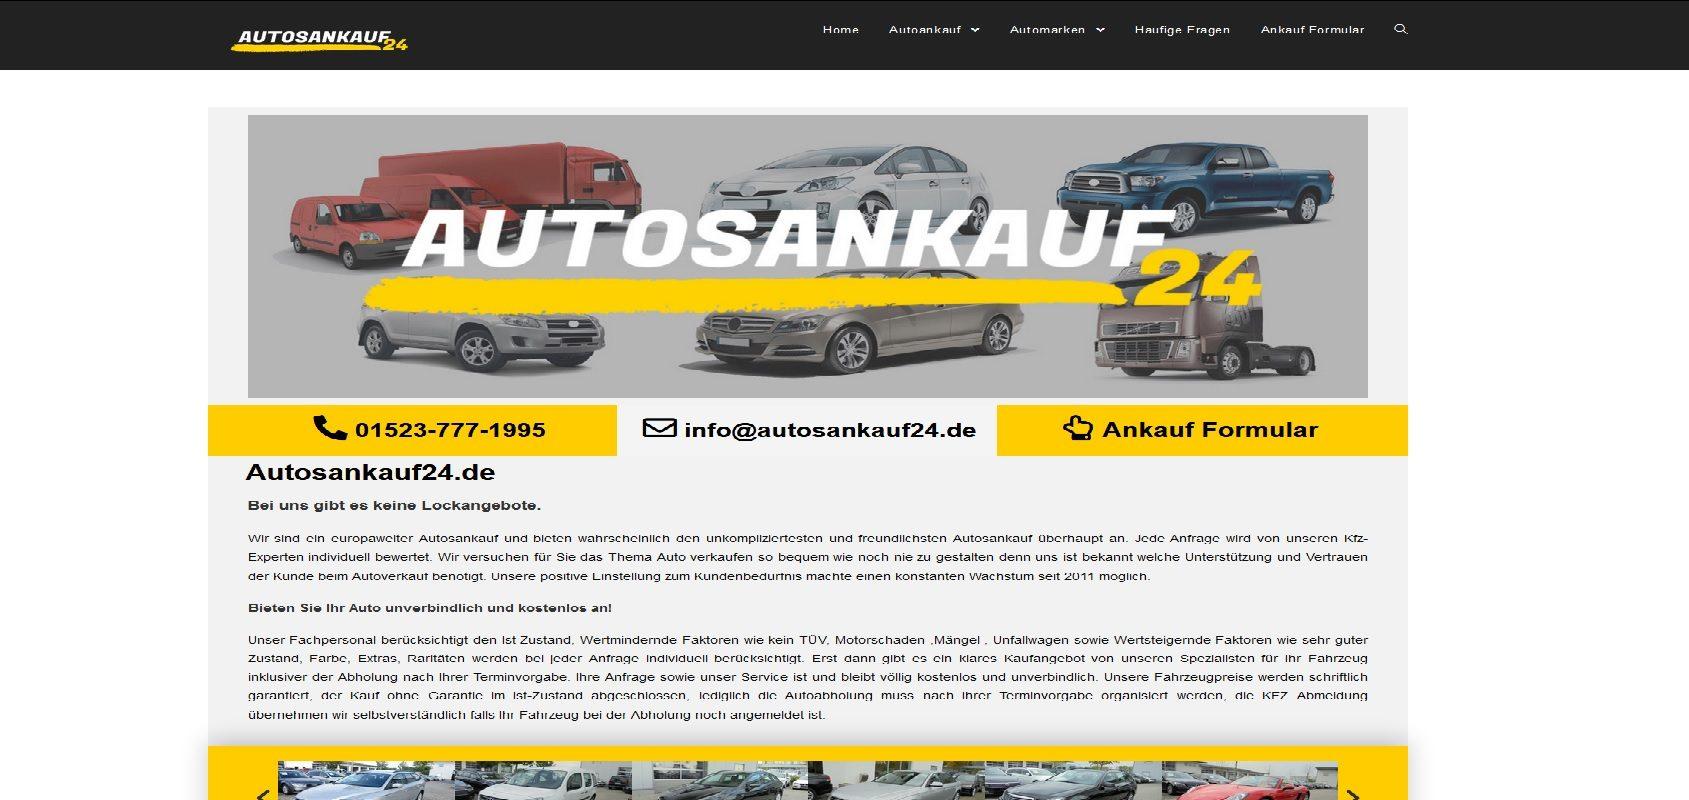 autosankauf24.de Autoankauf Motorschaden Ankauf